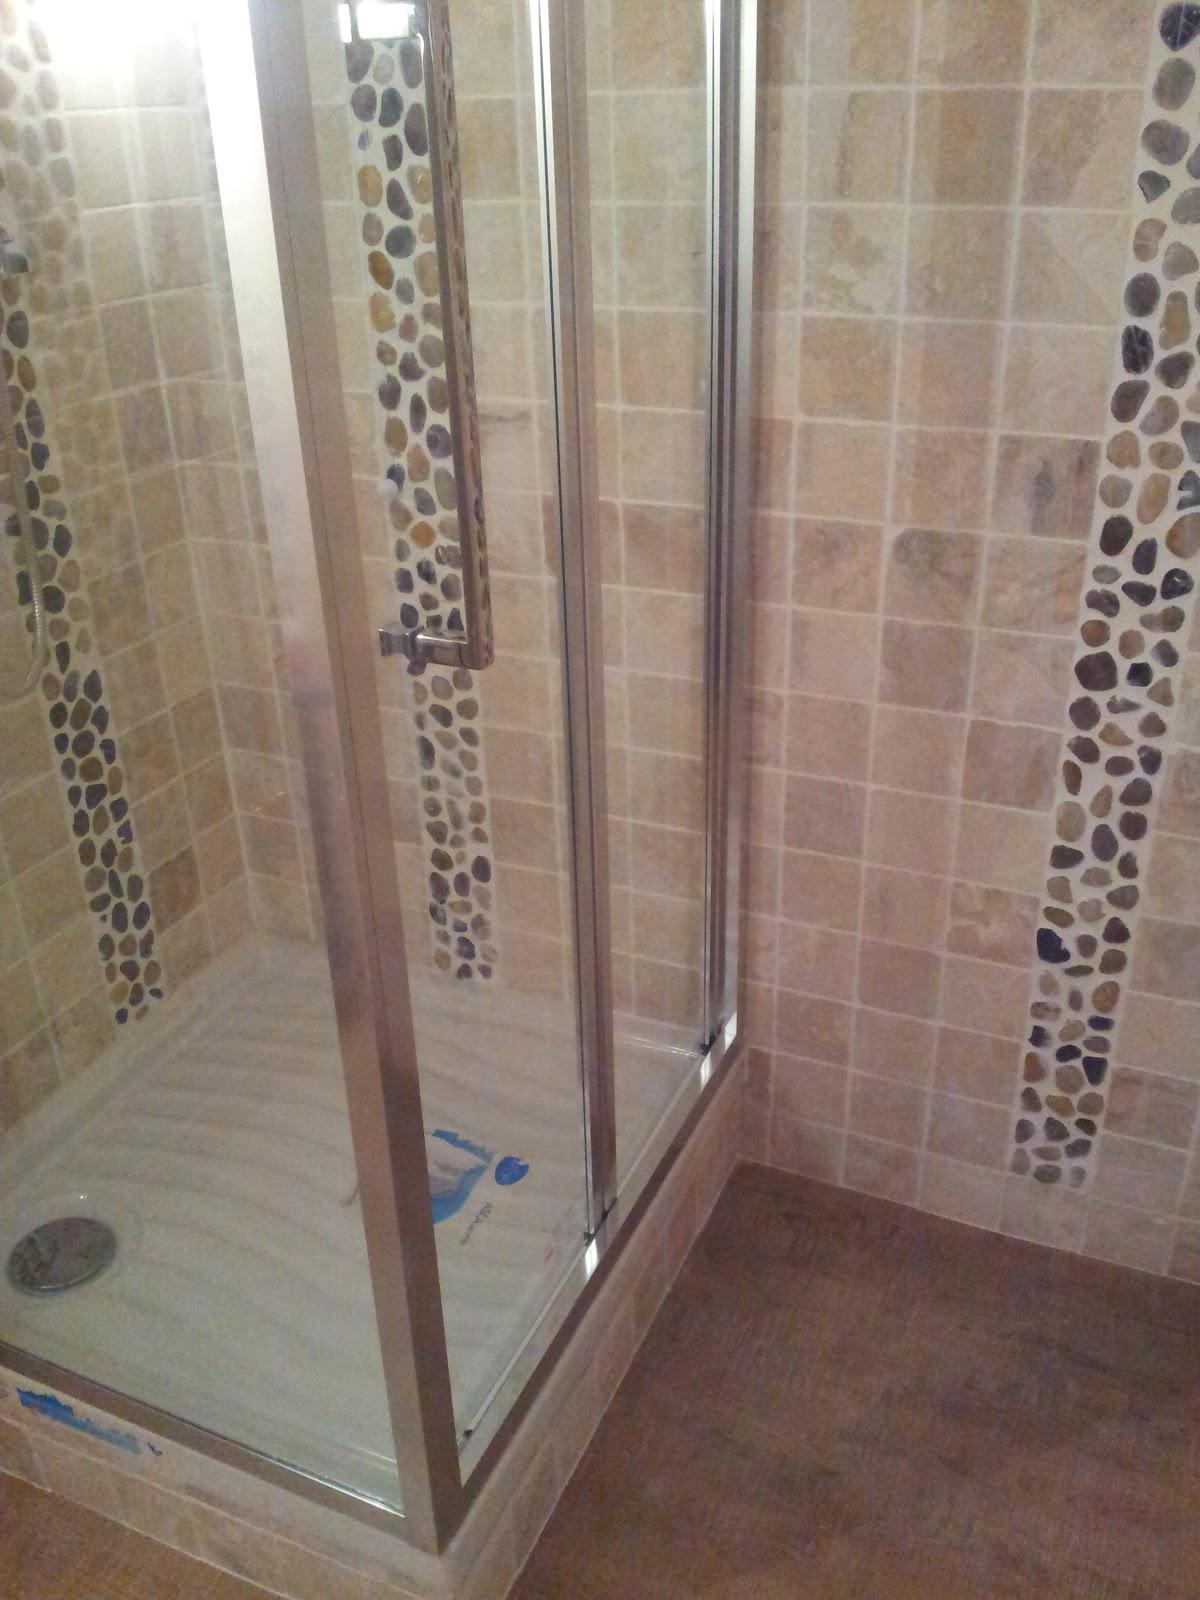 trouver un patron plombier evreux prix au m2 pour renovation maison entreprise reklew. Black Bedroom Furniture Sets. Home Design Ideas